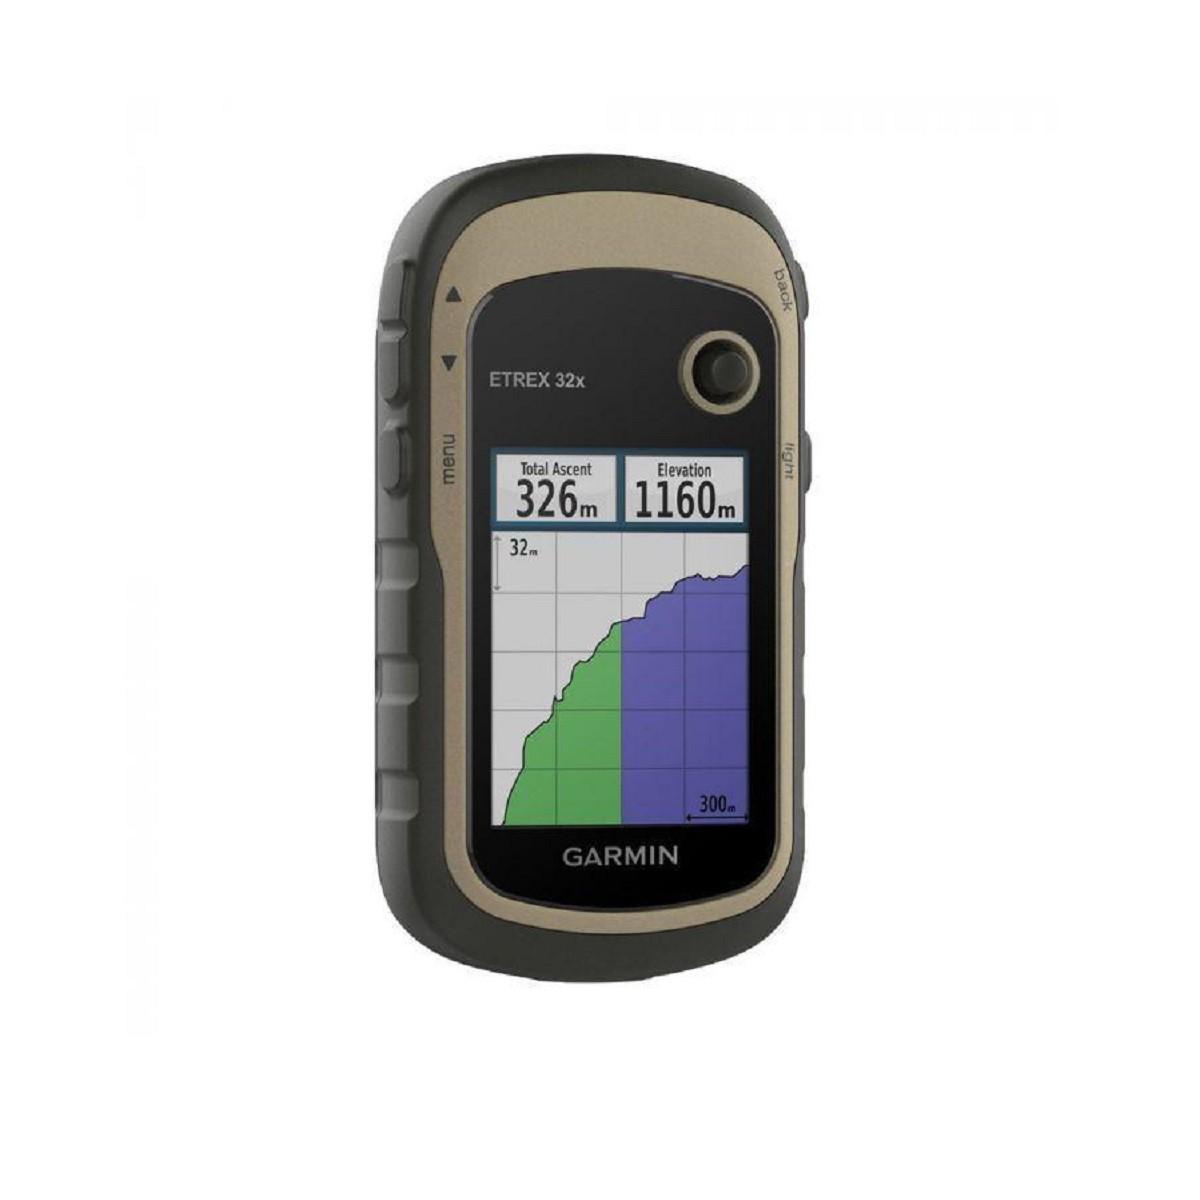 GPS Garmin Etrex 32x Mapa Rodoviario e Topografico 010-02257-03